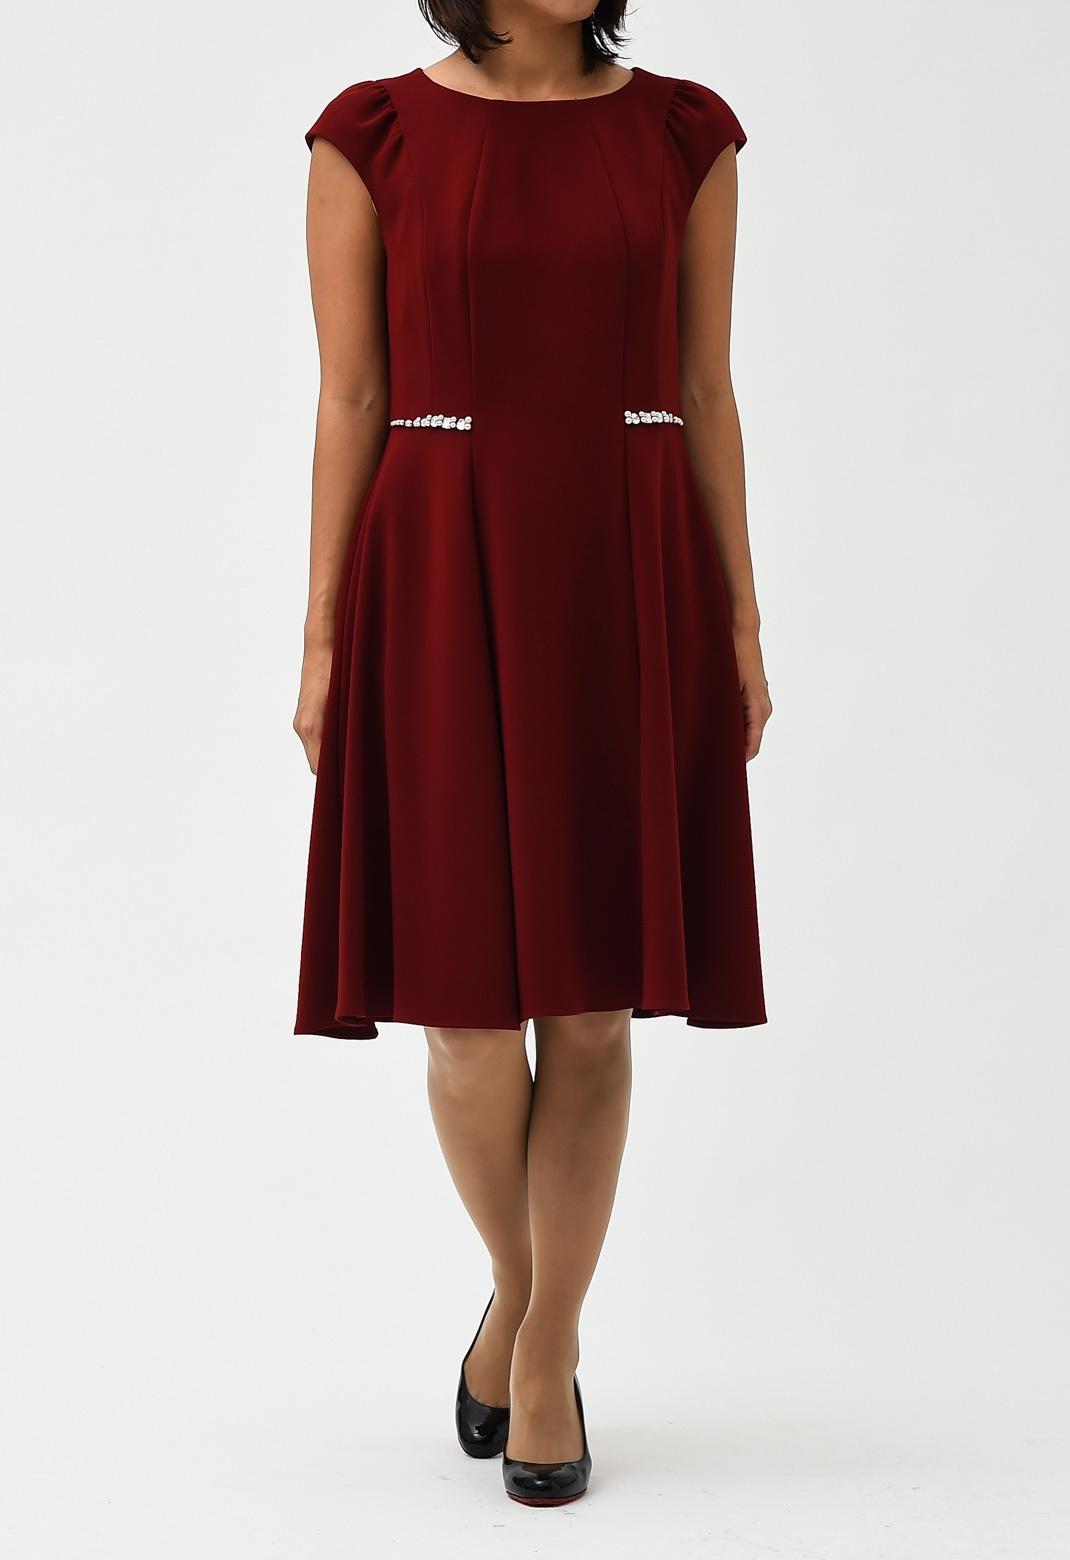 ビジュー飾り フレンチスリーブ ドレス